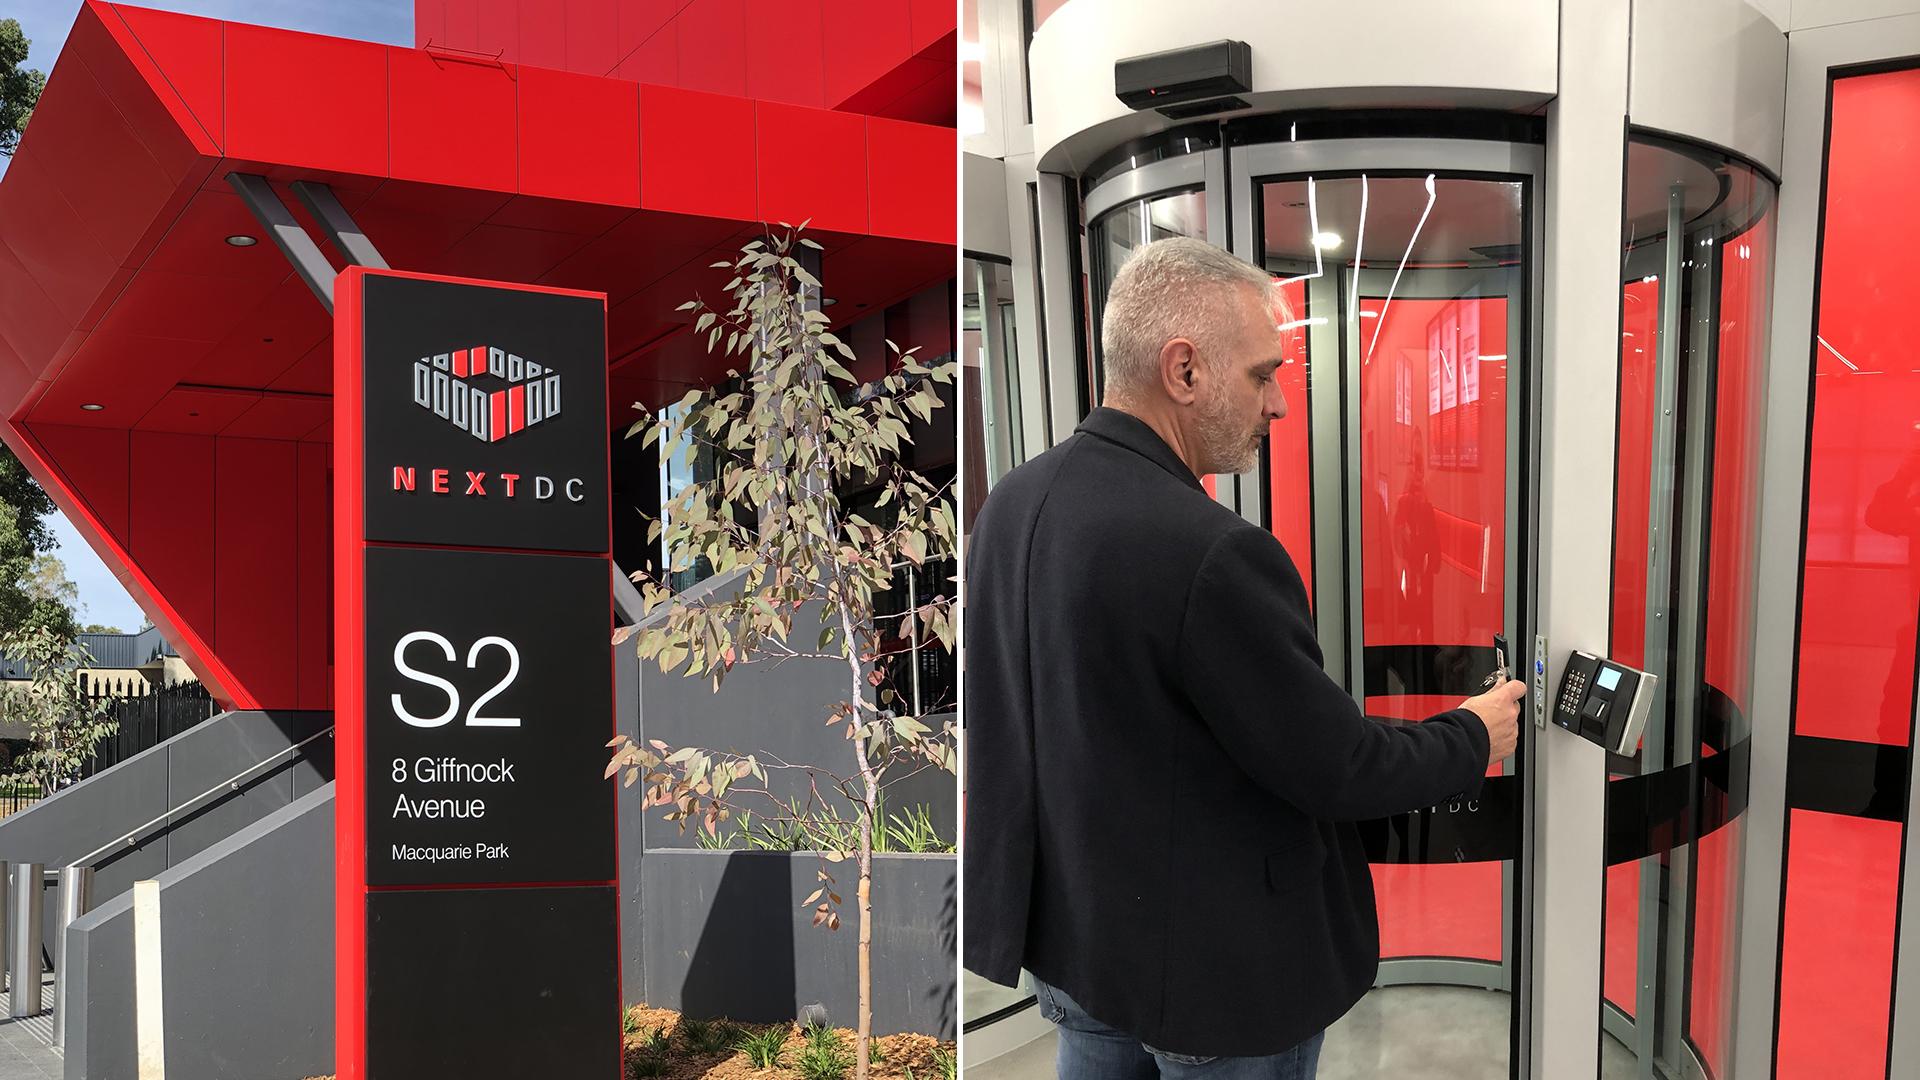 NEXTDC Data Center Sydney Australia